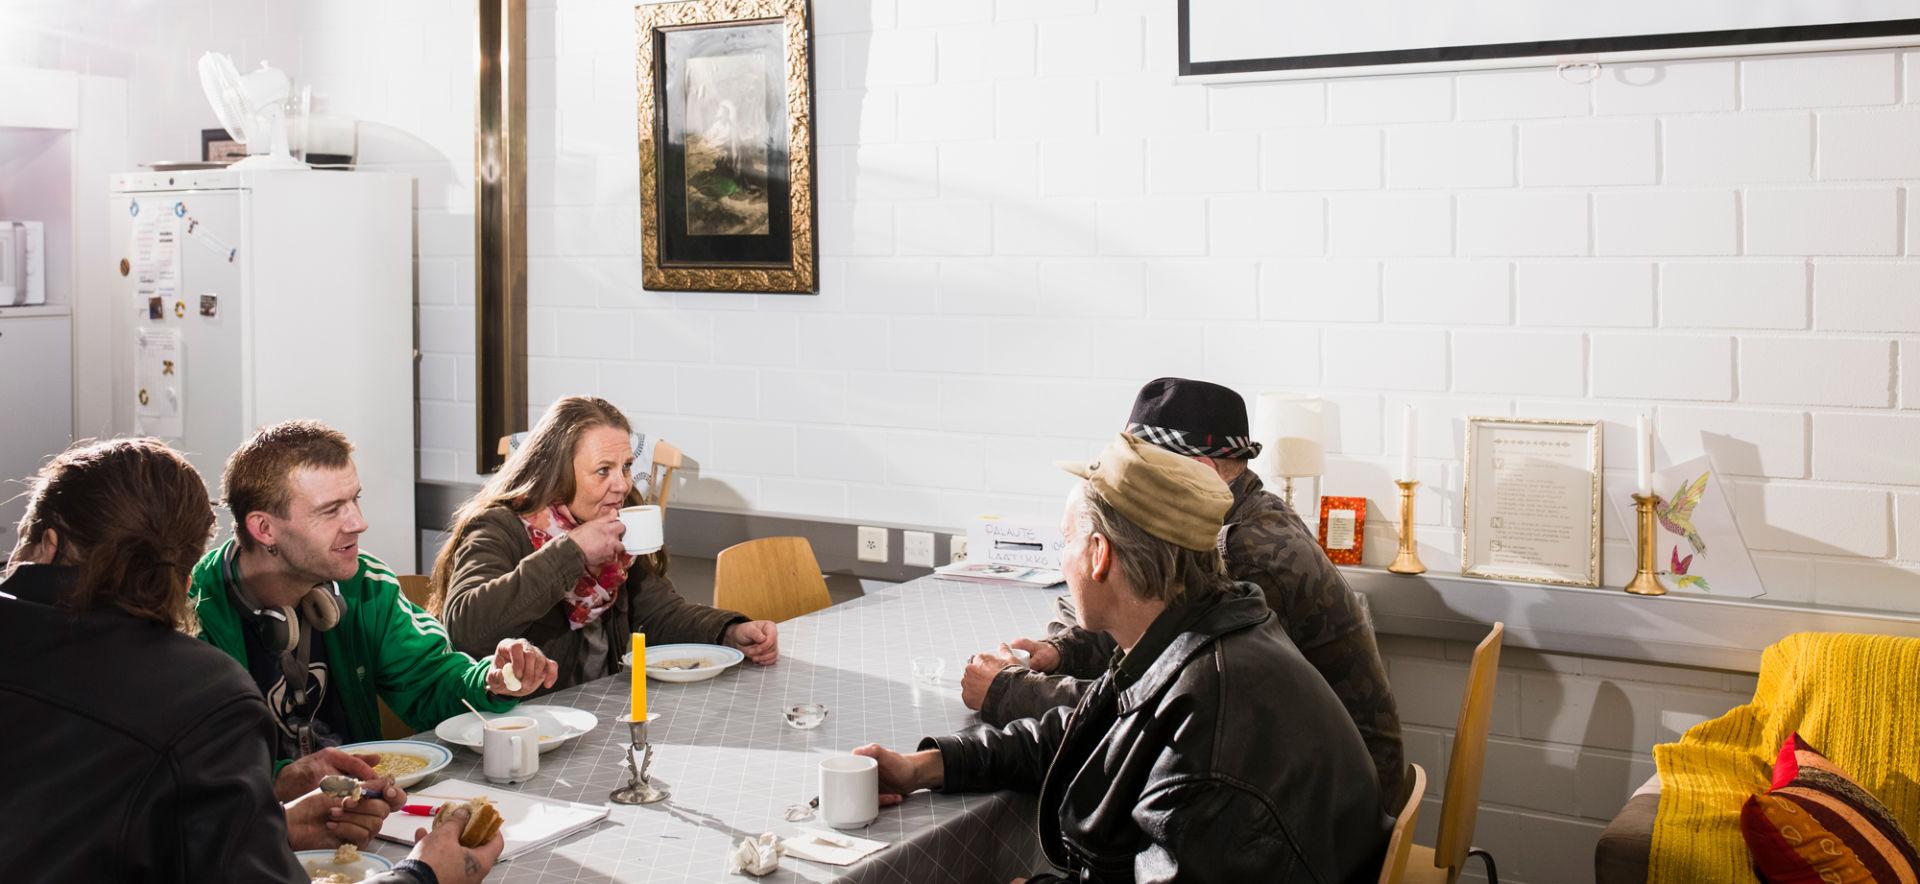 Ihmisiä yhdessä pöydän ääressä